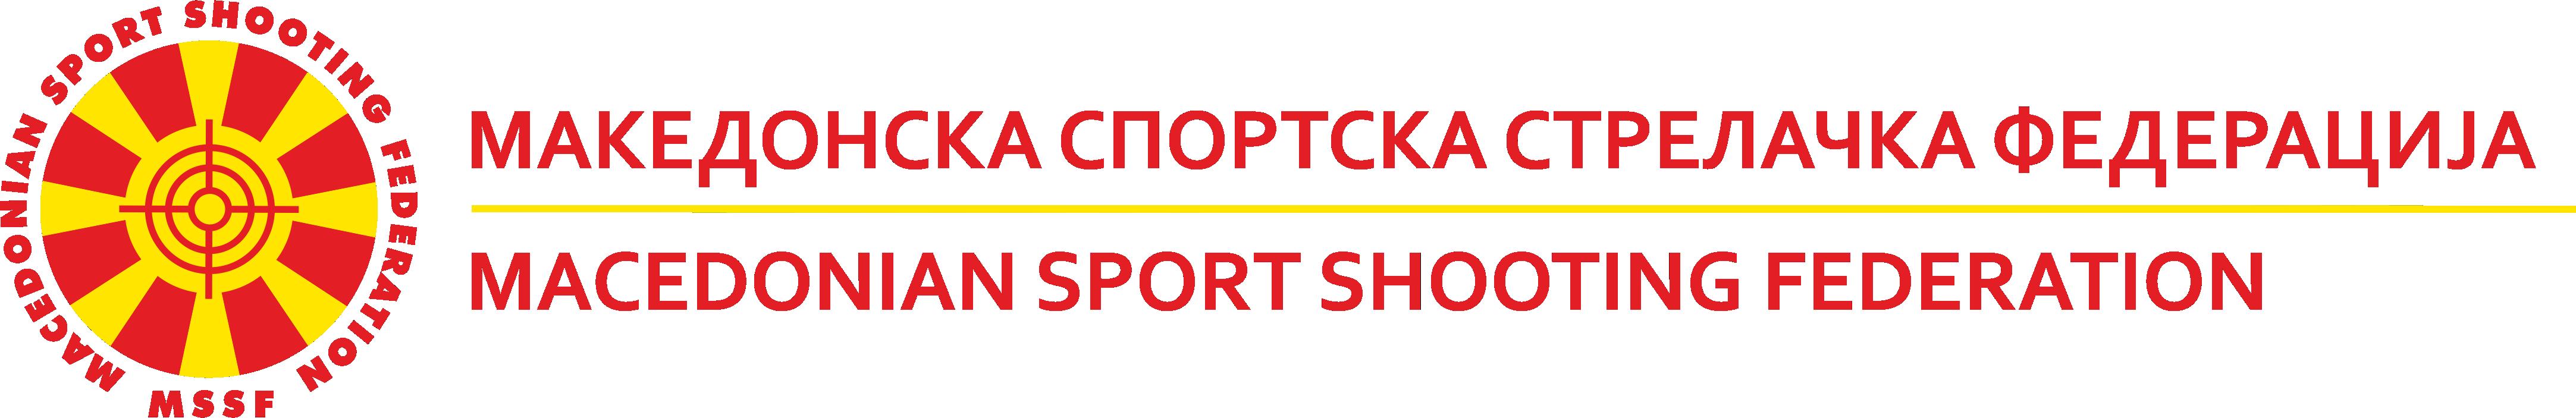 Македонска Спортска Стрелачка Федерација